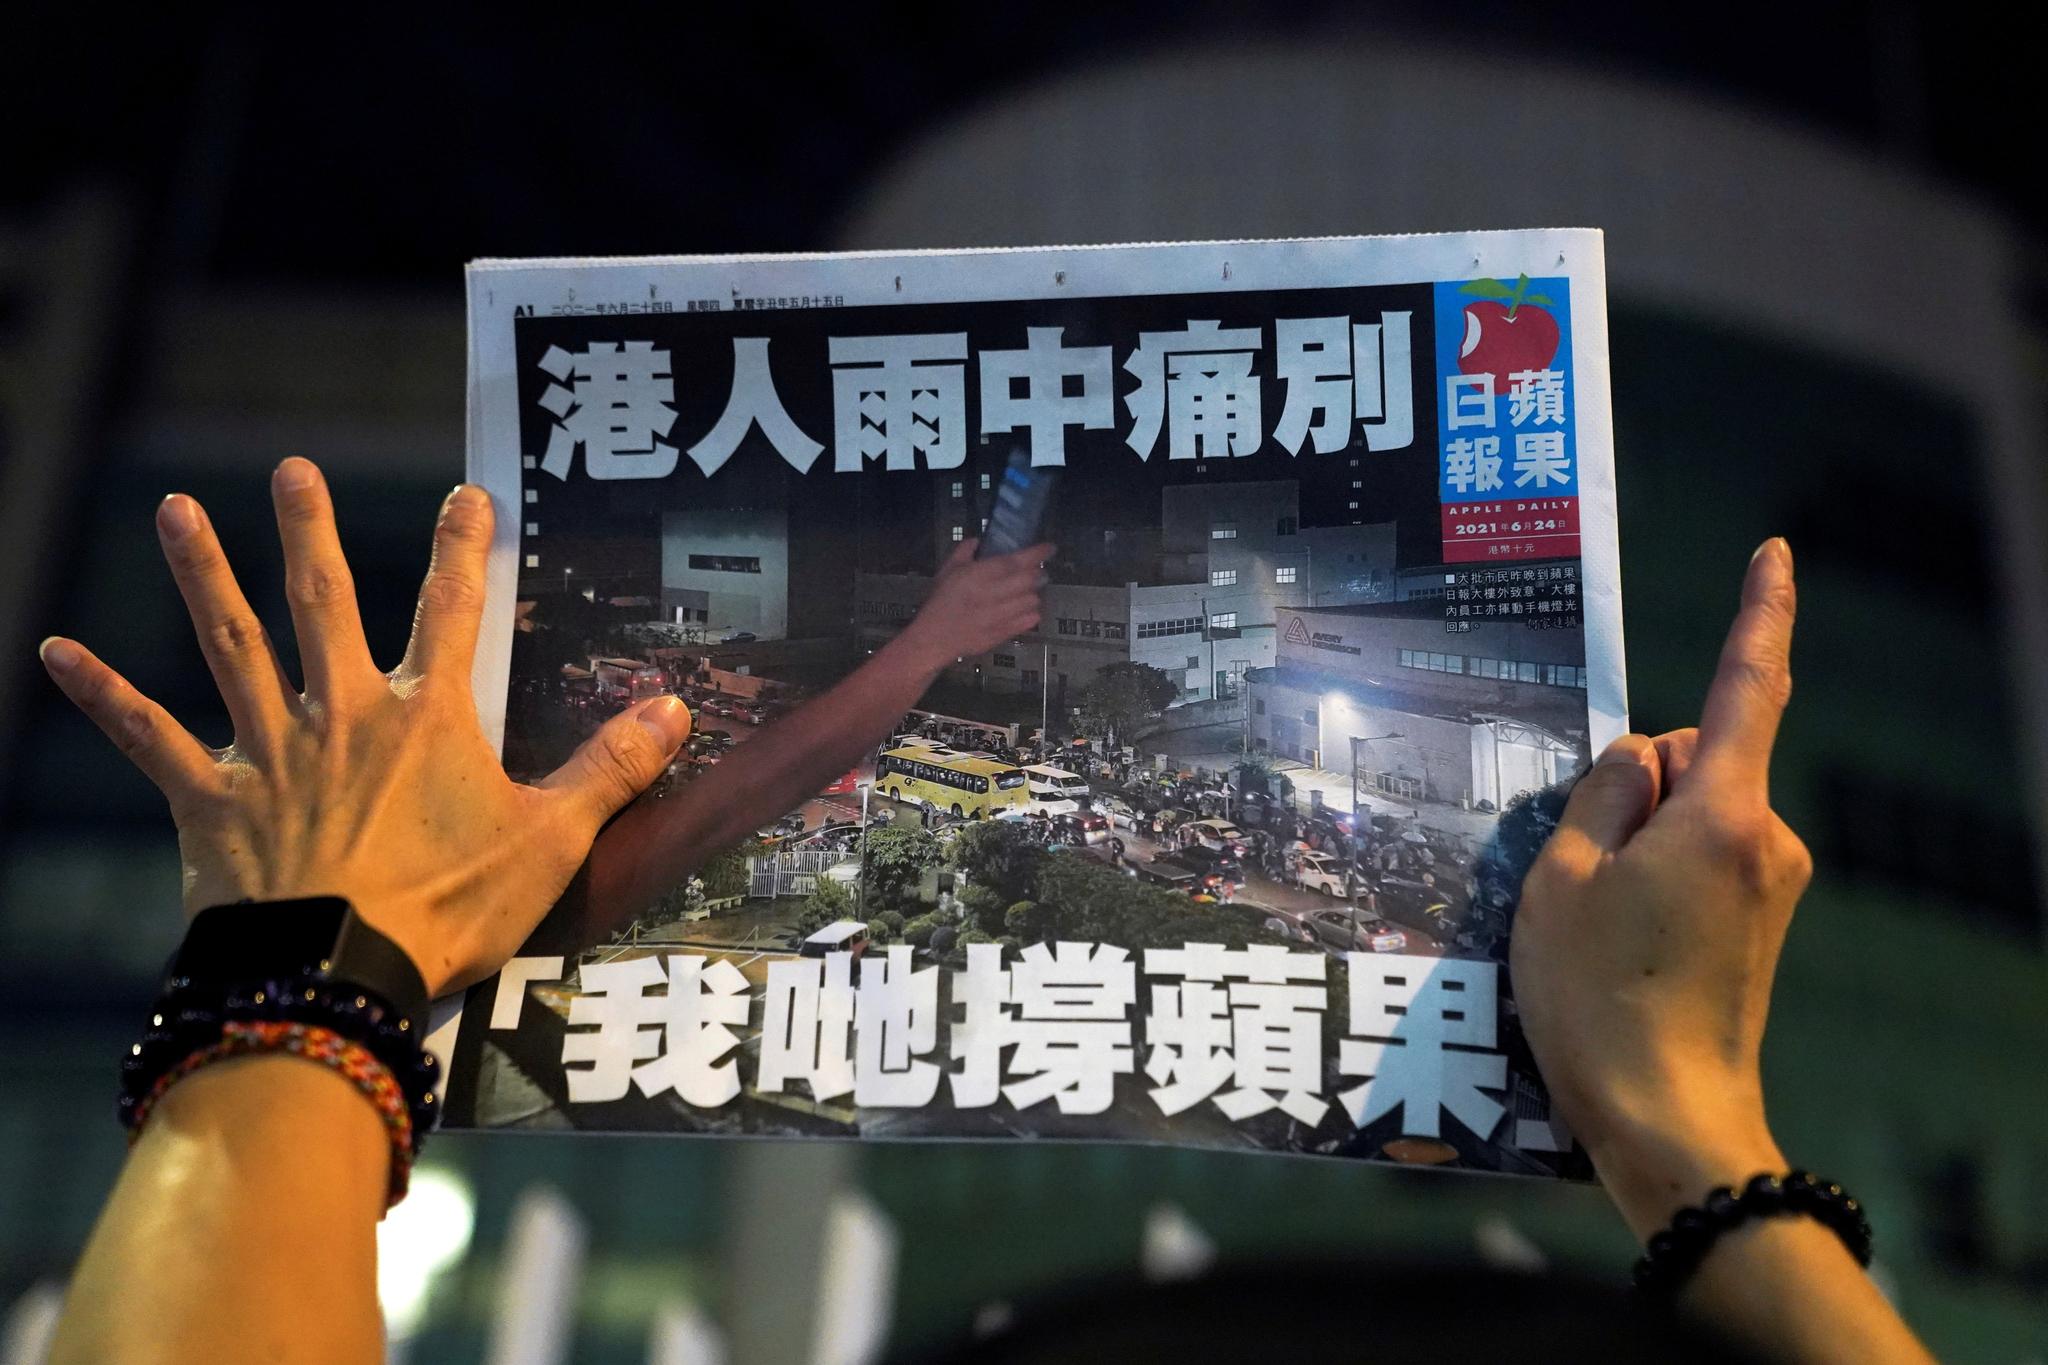 한 홍콩 시민이 24일 빈과일보 마지막 발행본을 펼쳐서 읽고 있다. 로이터=연합뉴스〉